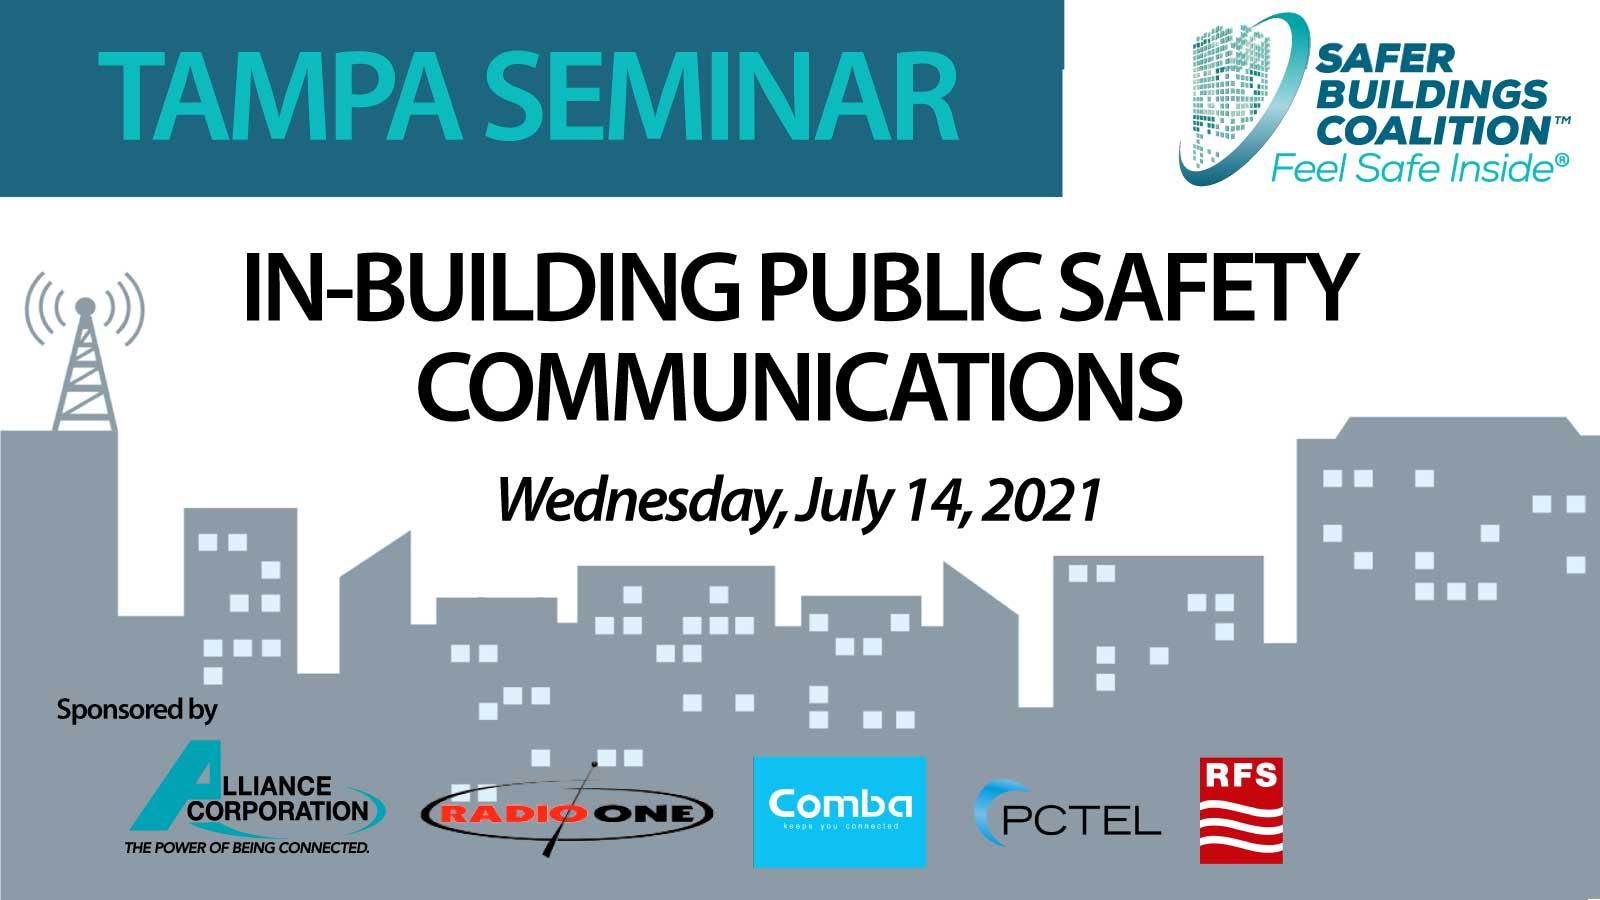 Tampa Seminar